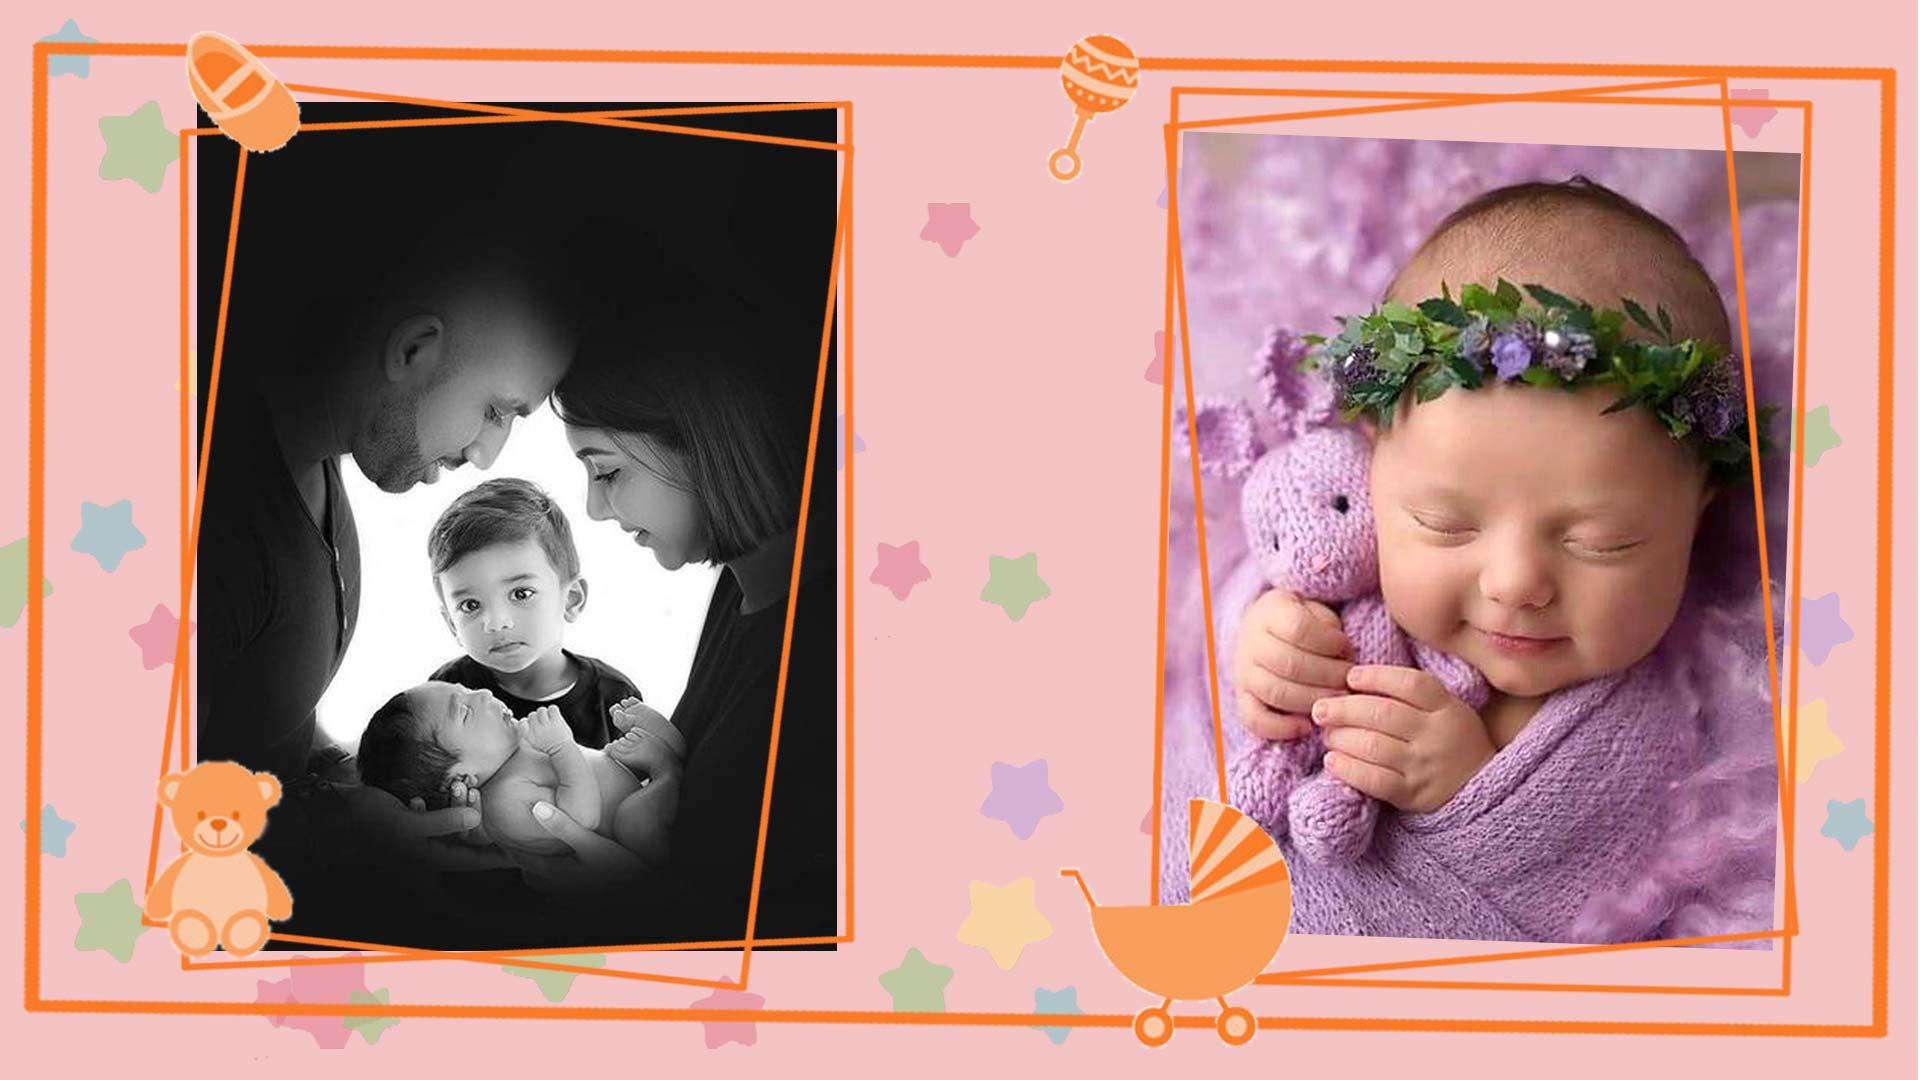 baby photography116 - نکات عکاسی از کودک و نوزاد